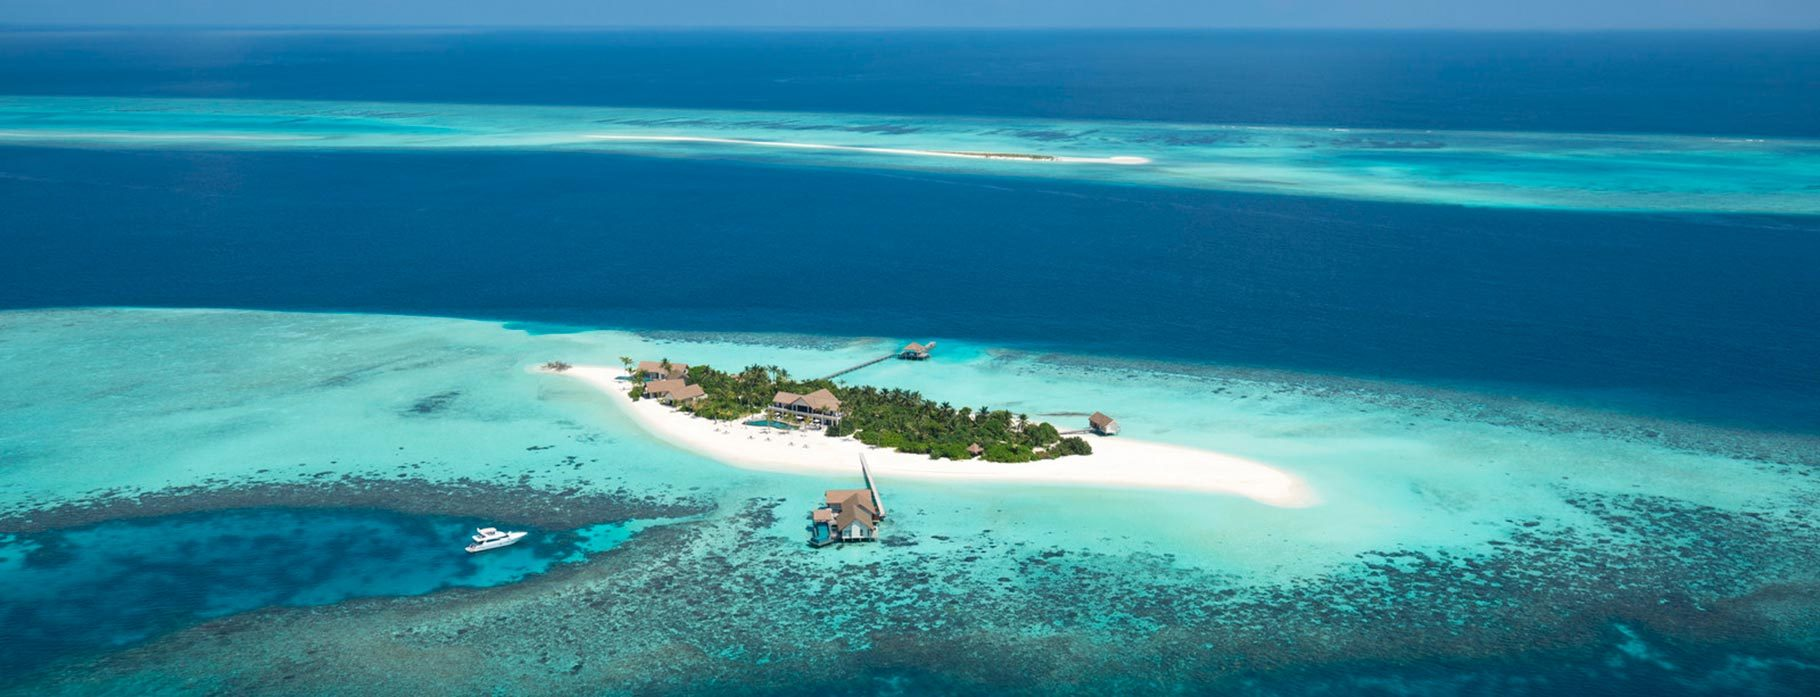 4 DAYS MALDIVES PRIVATE ISLAND BONANZA